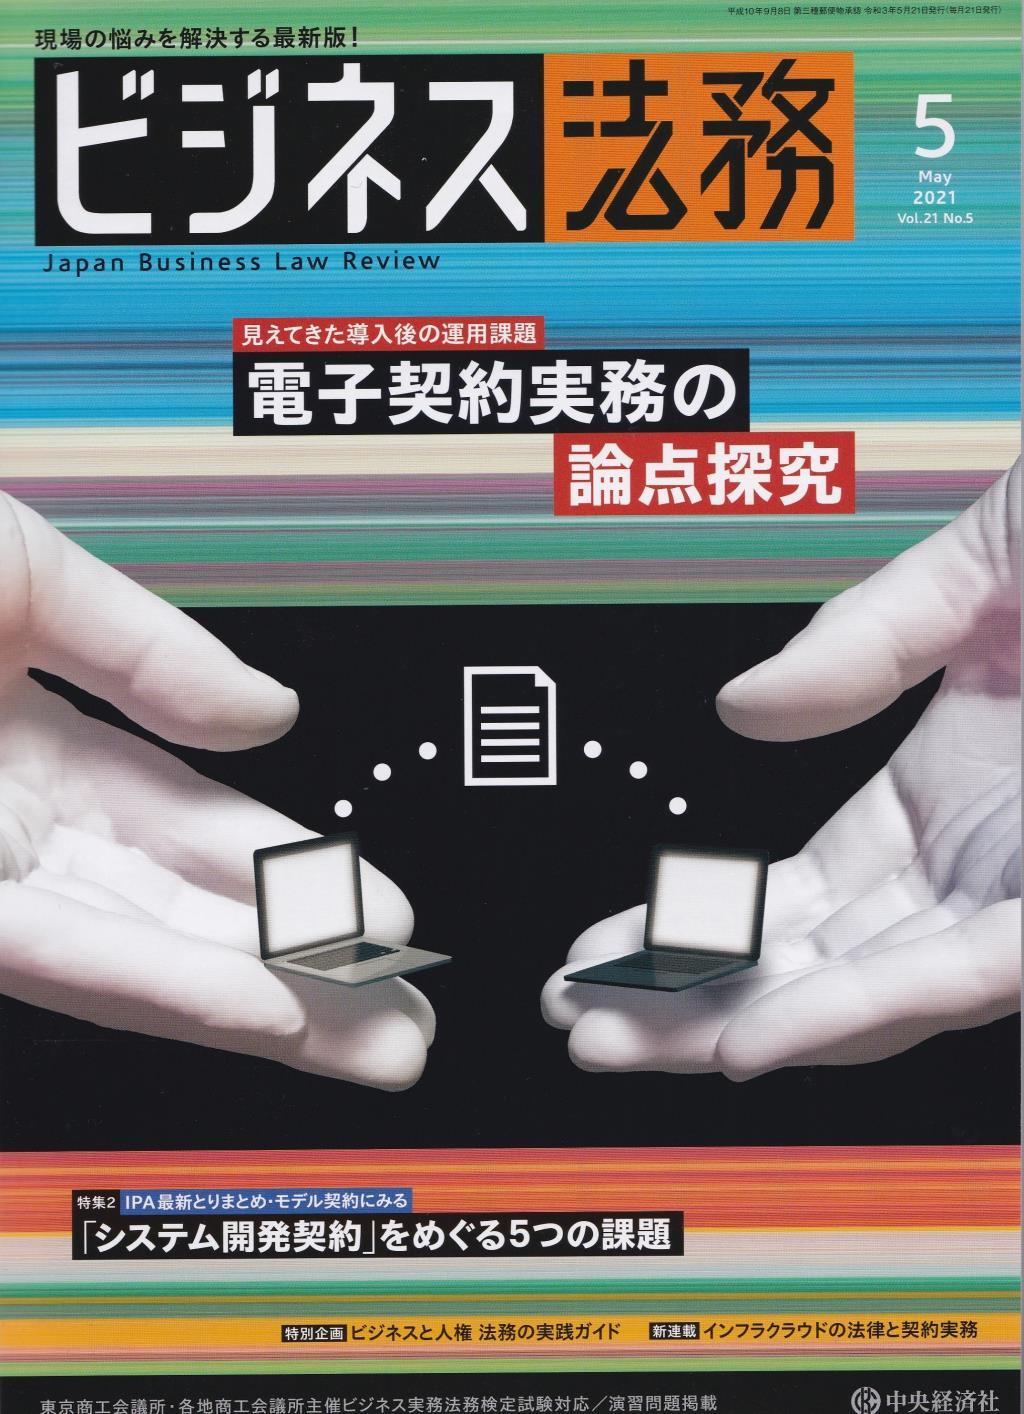 ビジネス法務 2021/5 Vol.21 No.5